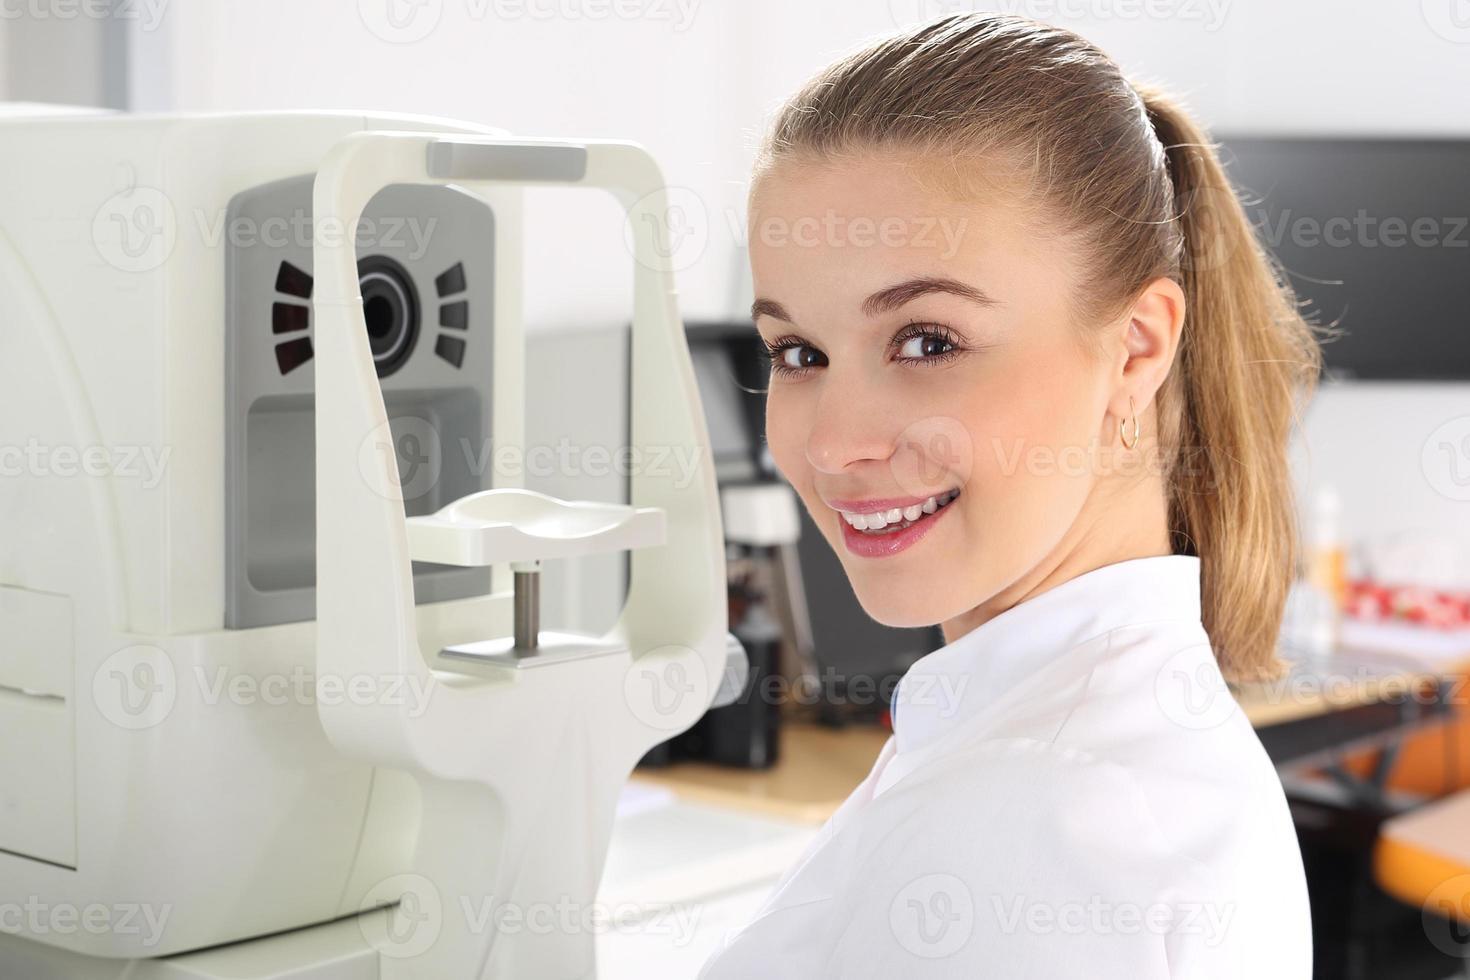 patienten under en ögonundersökning på ögonkliniken foto